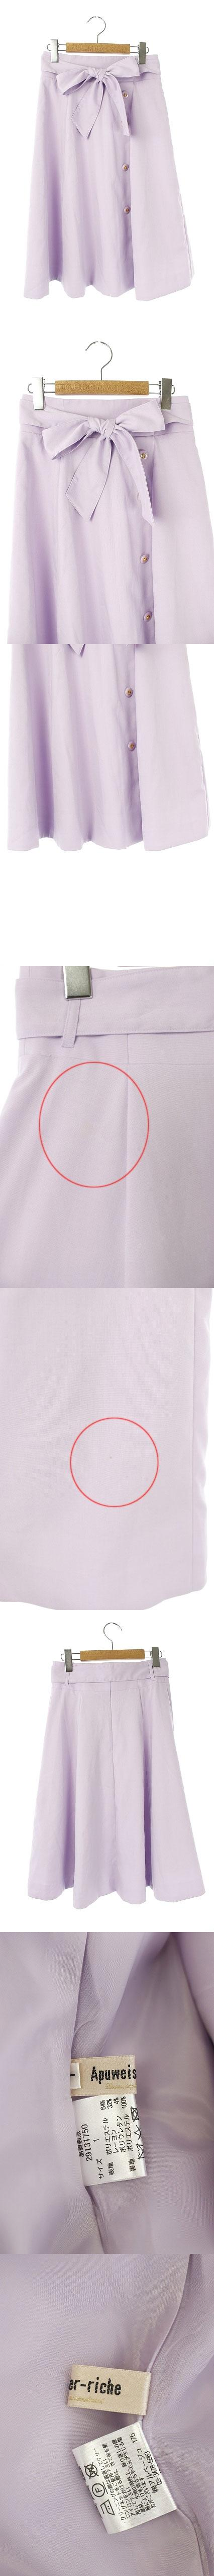 19SS カラーフレアスカート ひざ丈 ベルト付き 1 紫 /YS ■OS